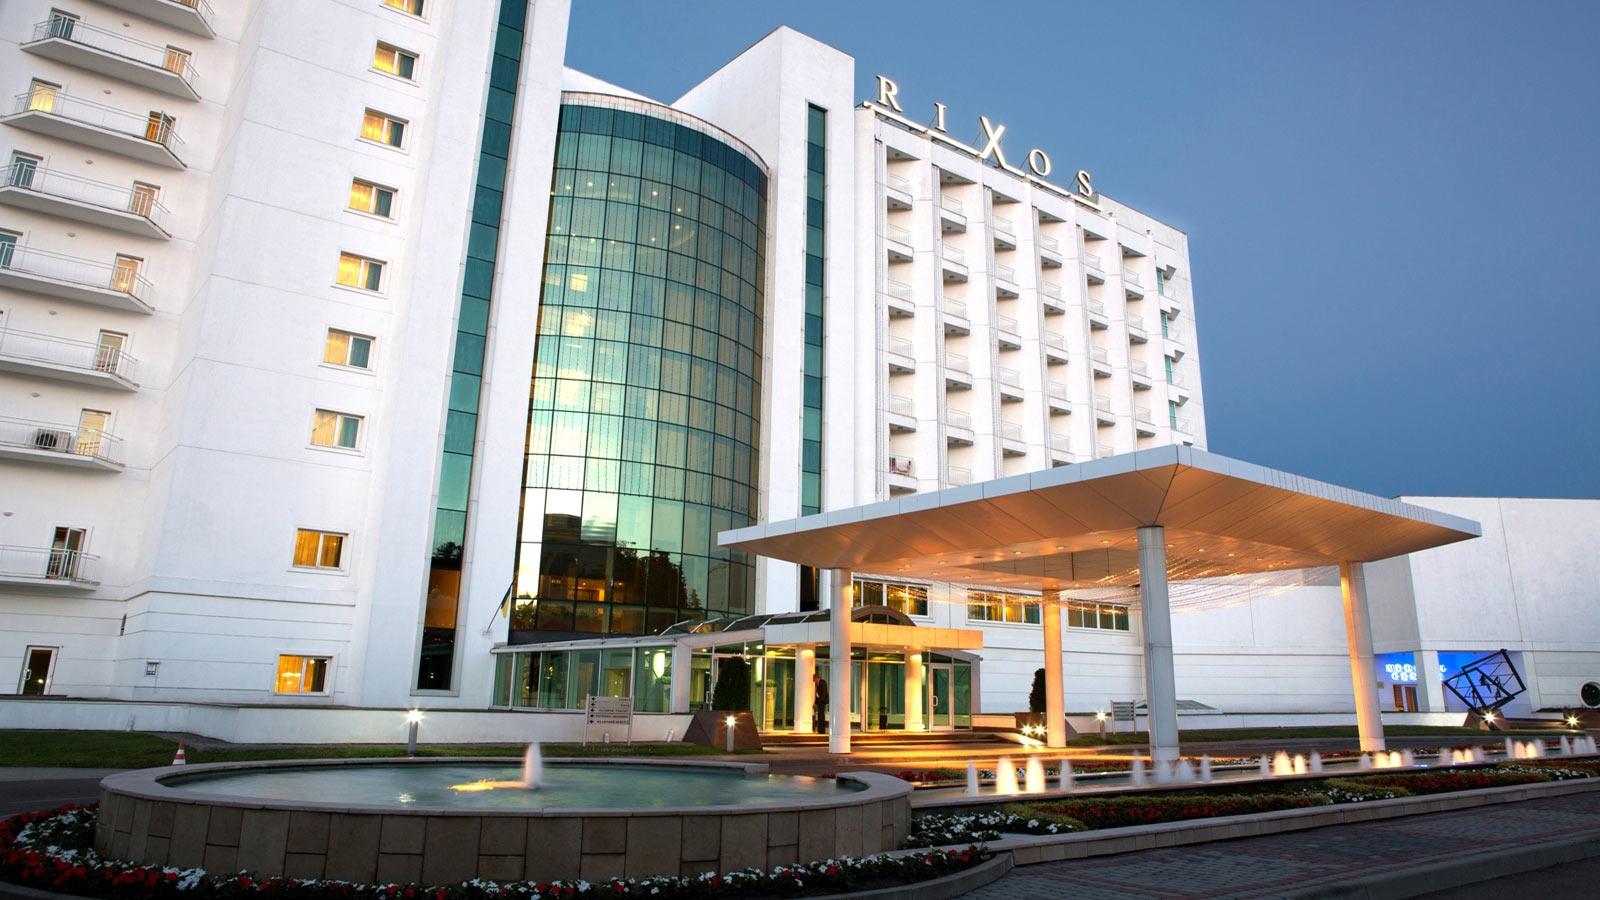 """Отель в Трускавцях, в якому проходив з'їзд """"Слуги народу"""" повідомив про зникнення 256 рушників після завершення заходу"""